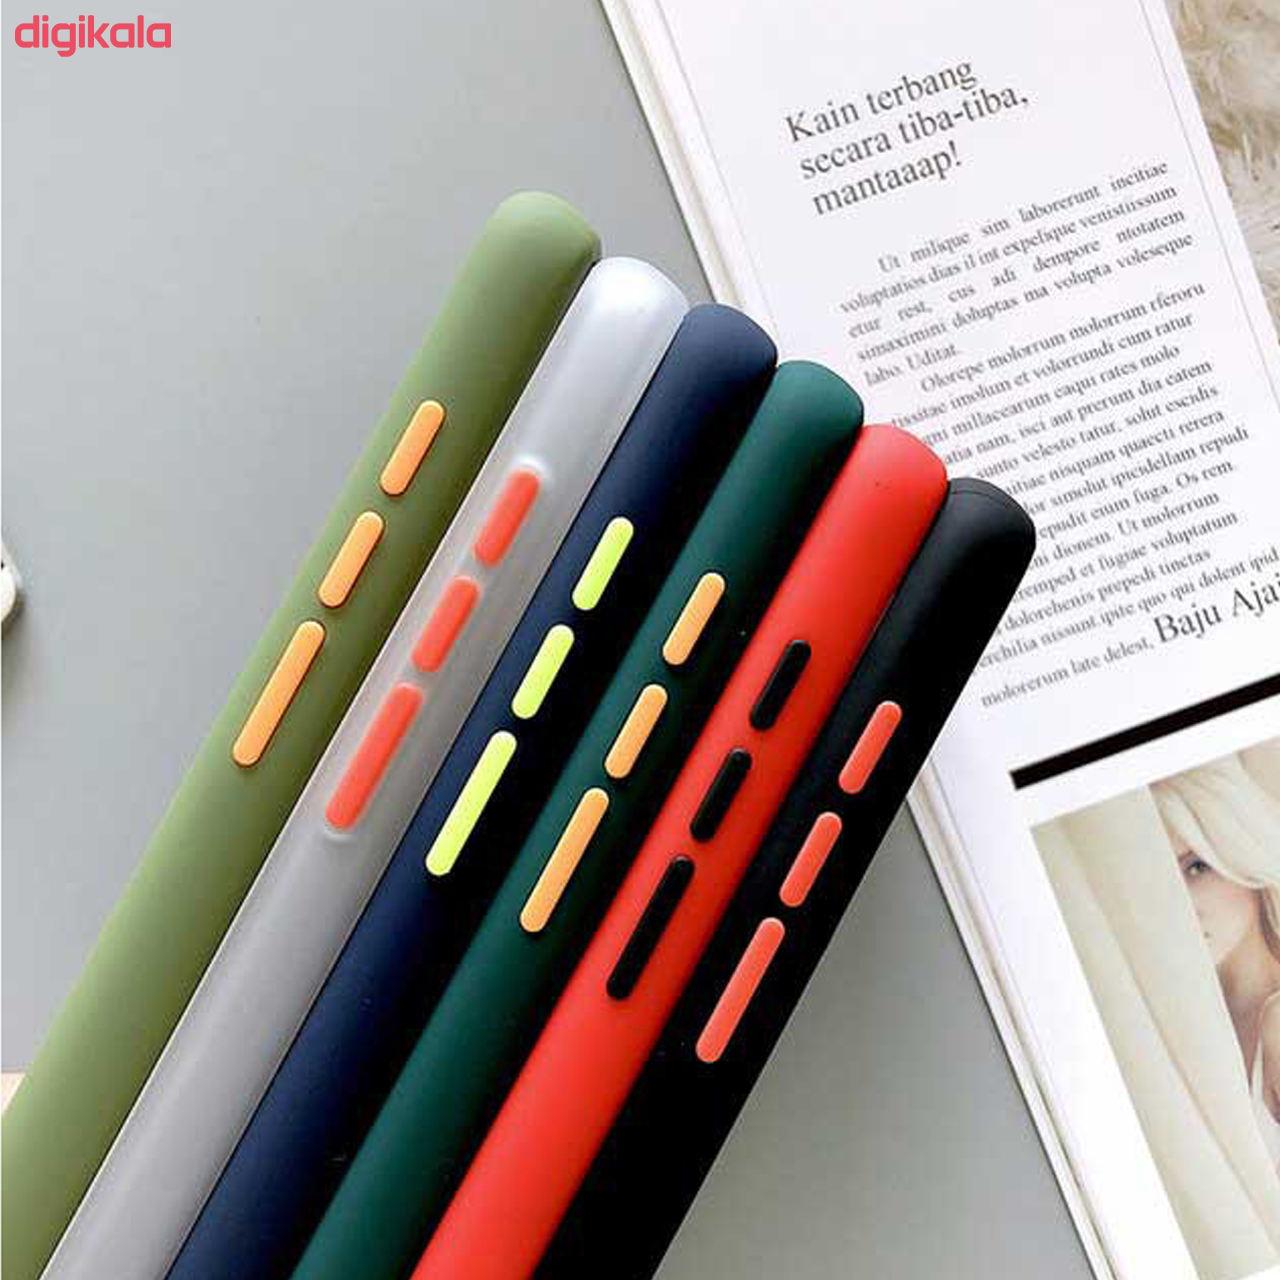 کاور کینگ پاور مدل M22 مناسب برای گوشی موبایل شیائومی Redmi Note 9S / Note 9 Pro / Note 9 Pro Max main 1 8